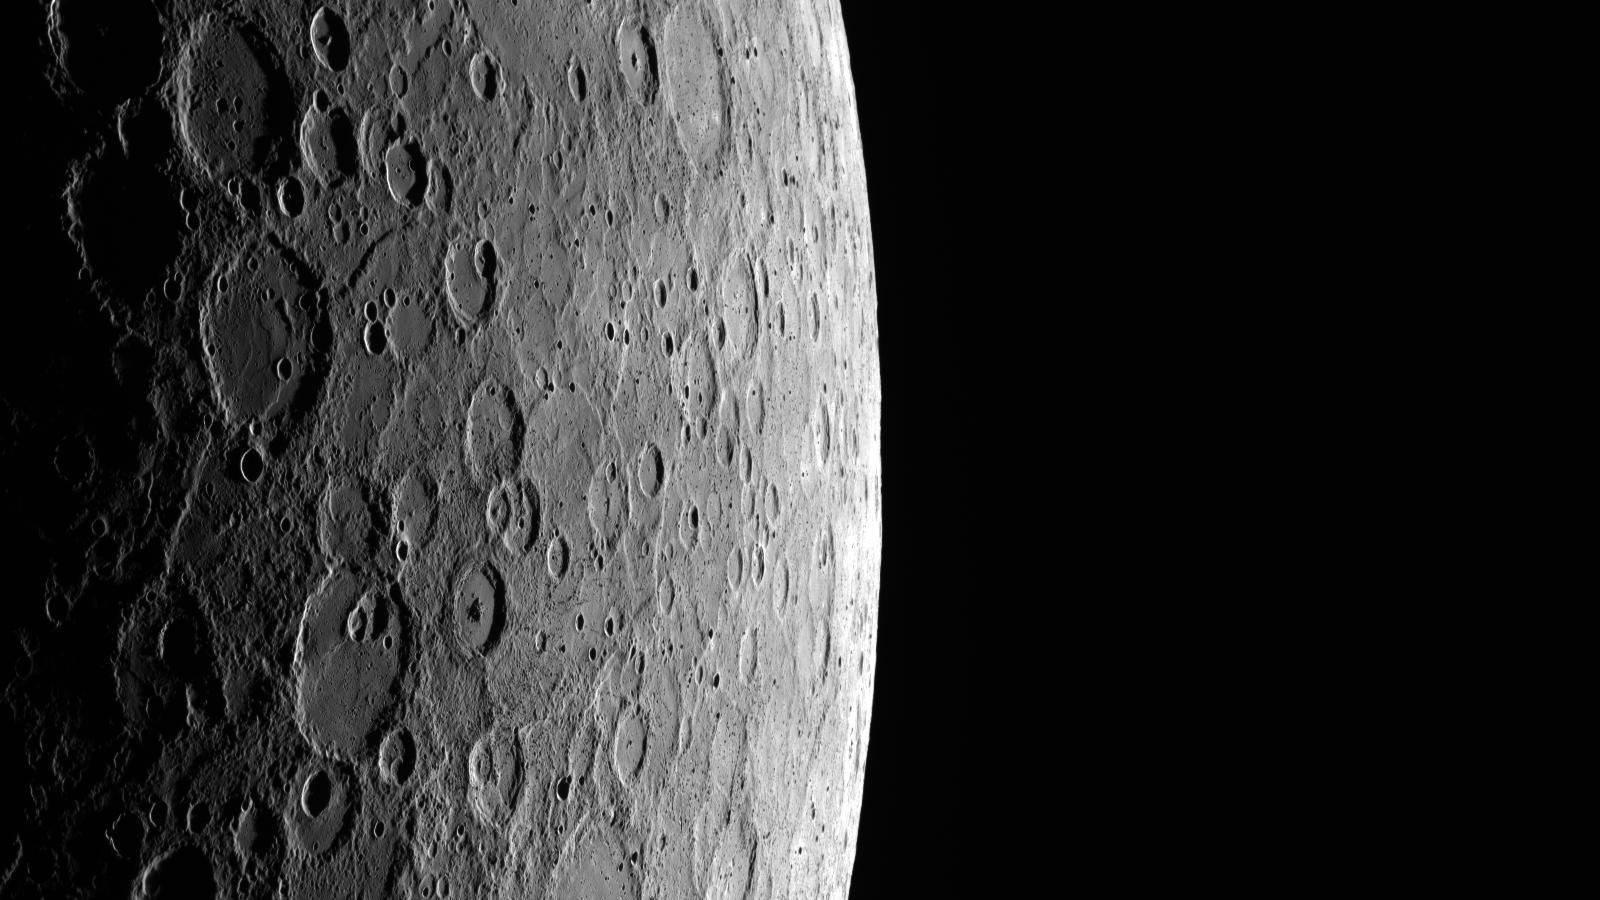 Foto von Merkur im All